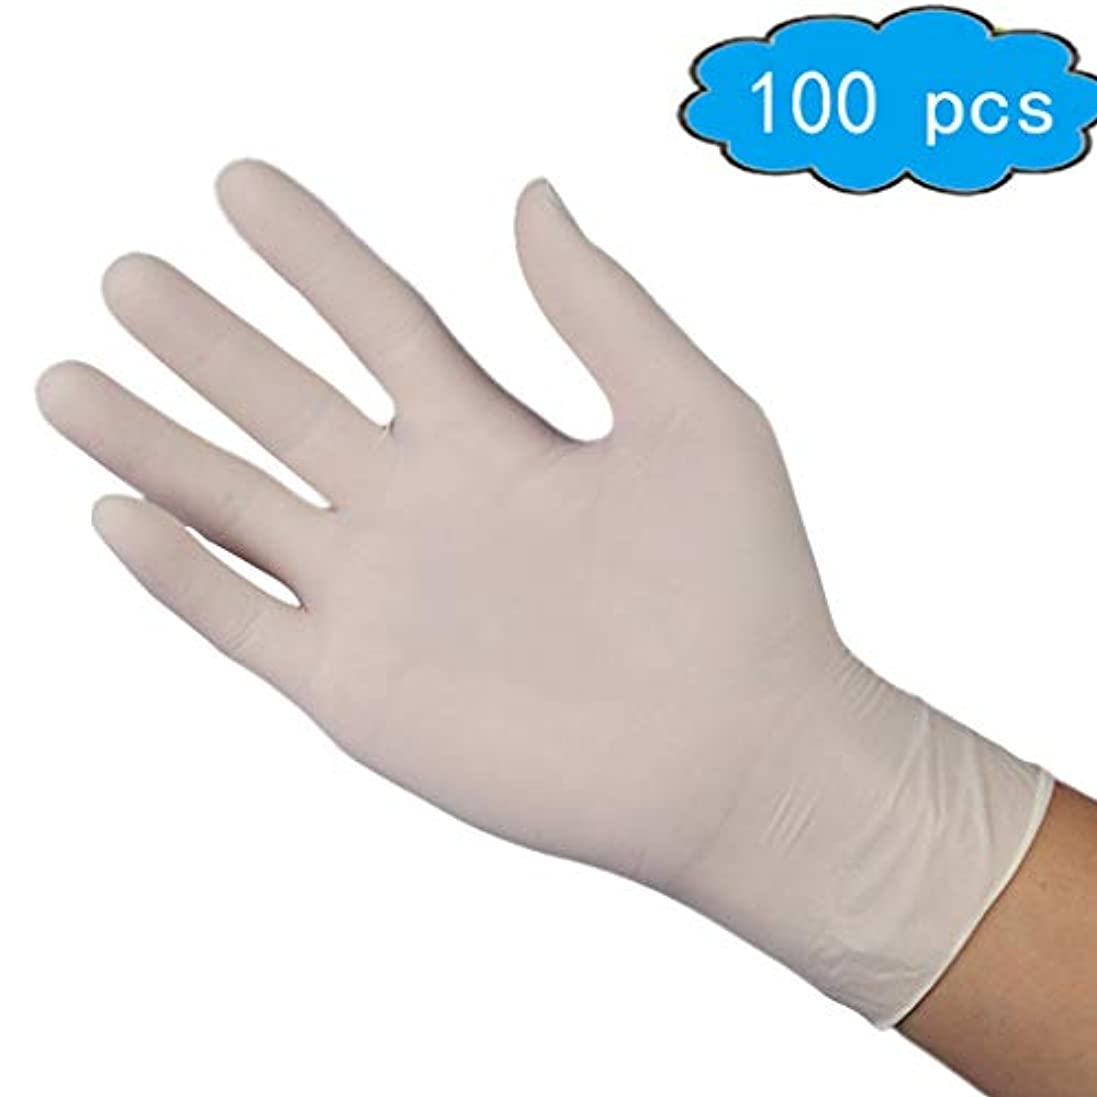 恵みはねかける分岐する使い捨てラテックス手袋、多目的、ボックスあたりの医療用品&機器-100 (Color : White, Size : M)